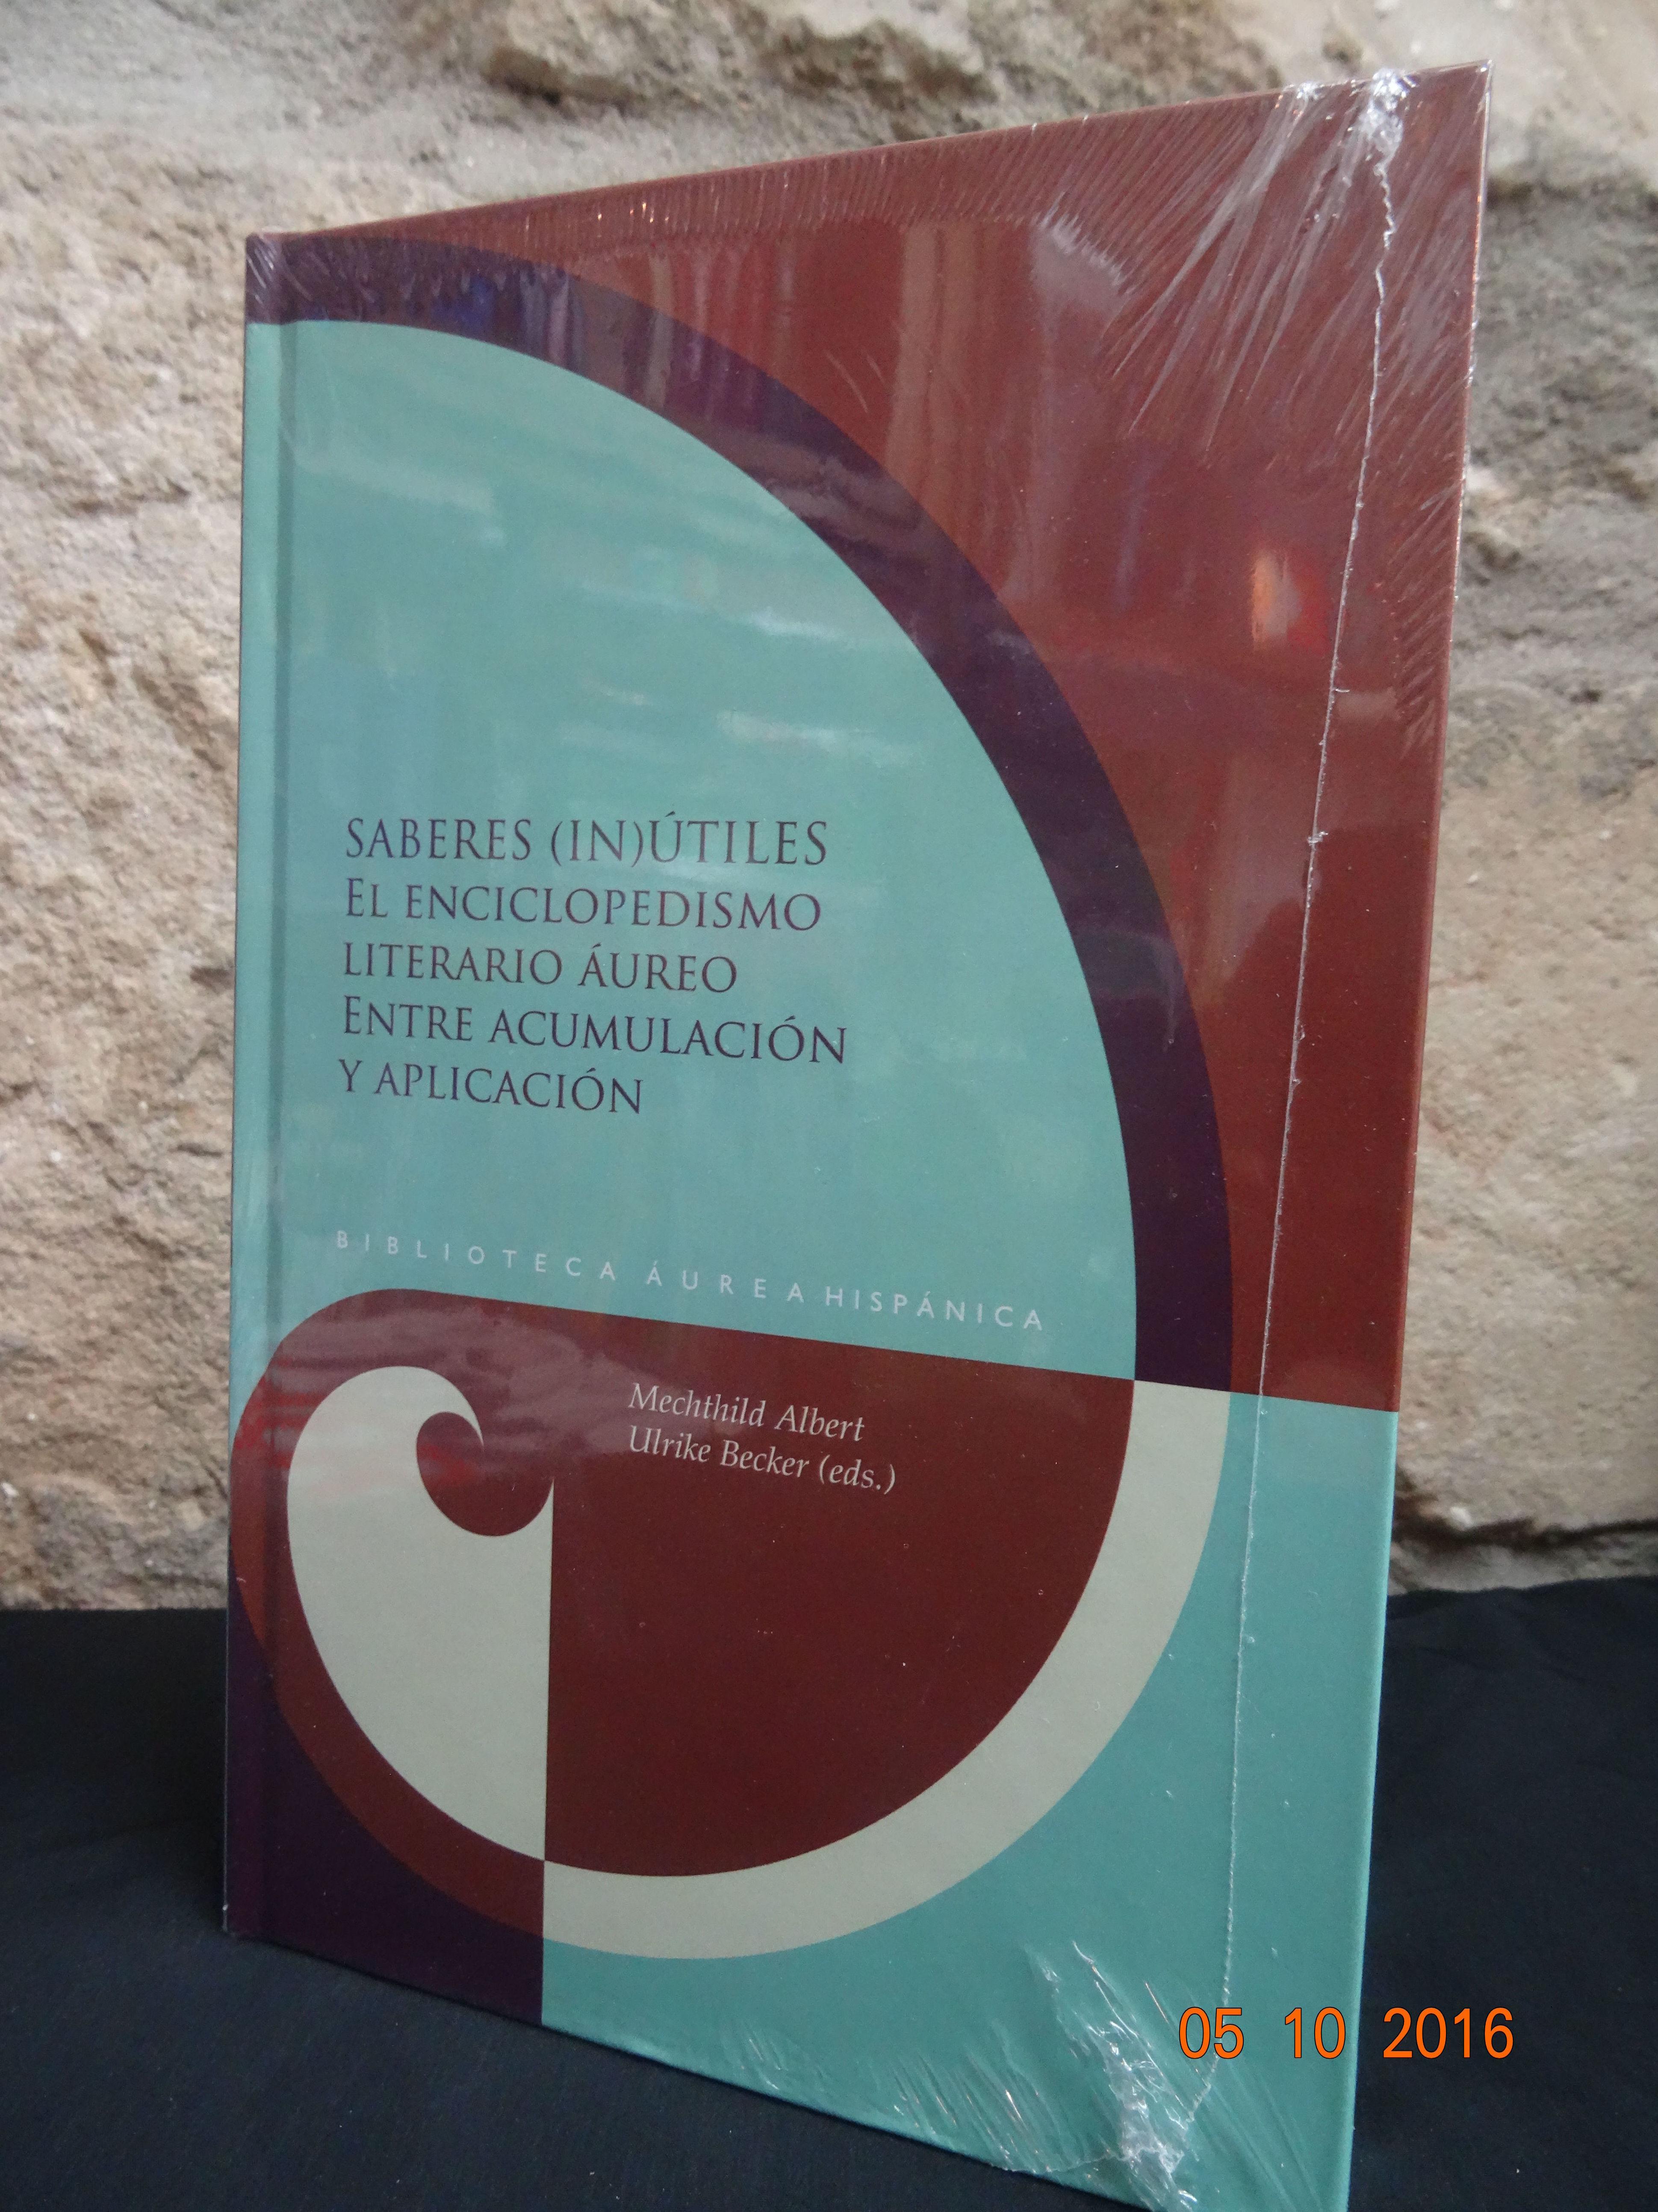 Saberes (in) útiles. Enciclopedismo Literario: SECCIONES de Librería Nueva Plaza Universitaria